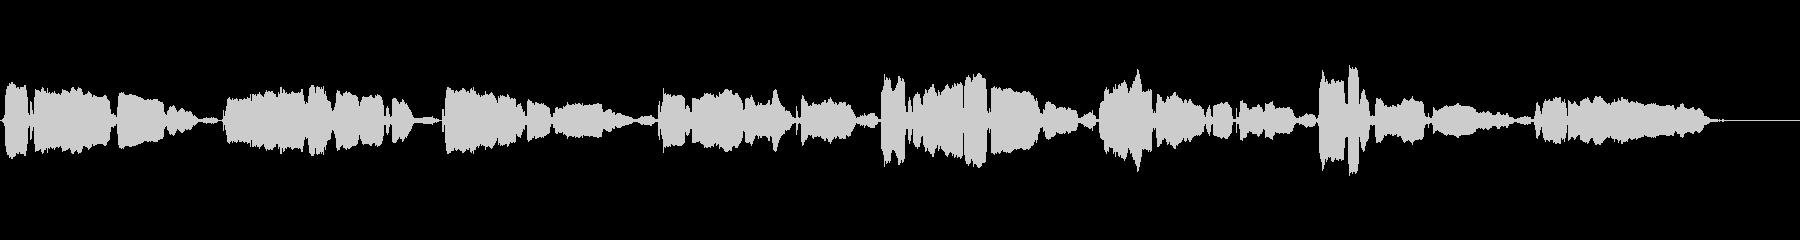 もみじ アカペラ ハスキーで繊細な歌声の未再生の波形